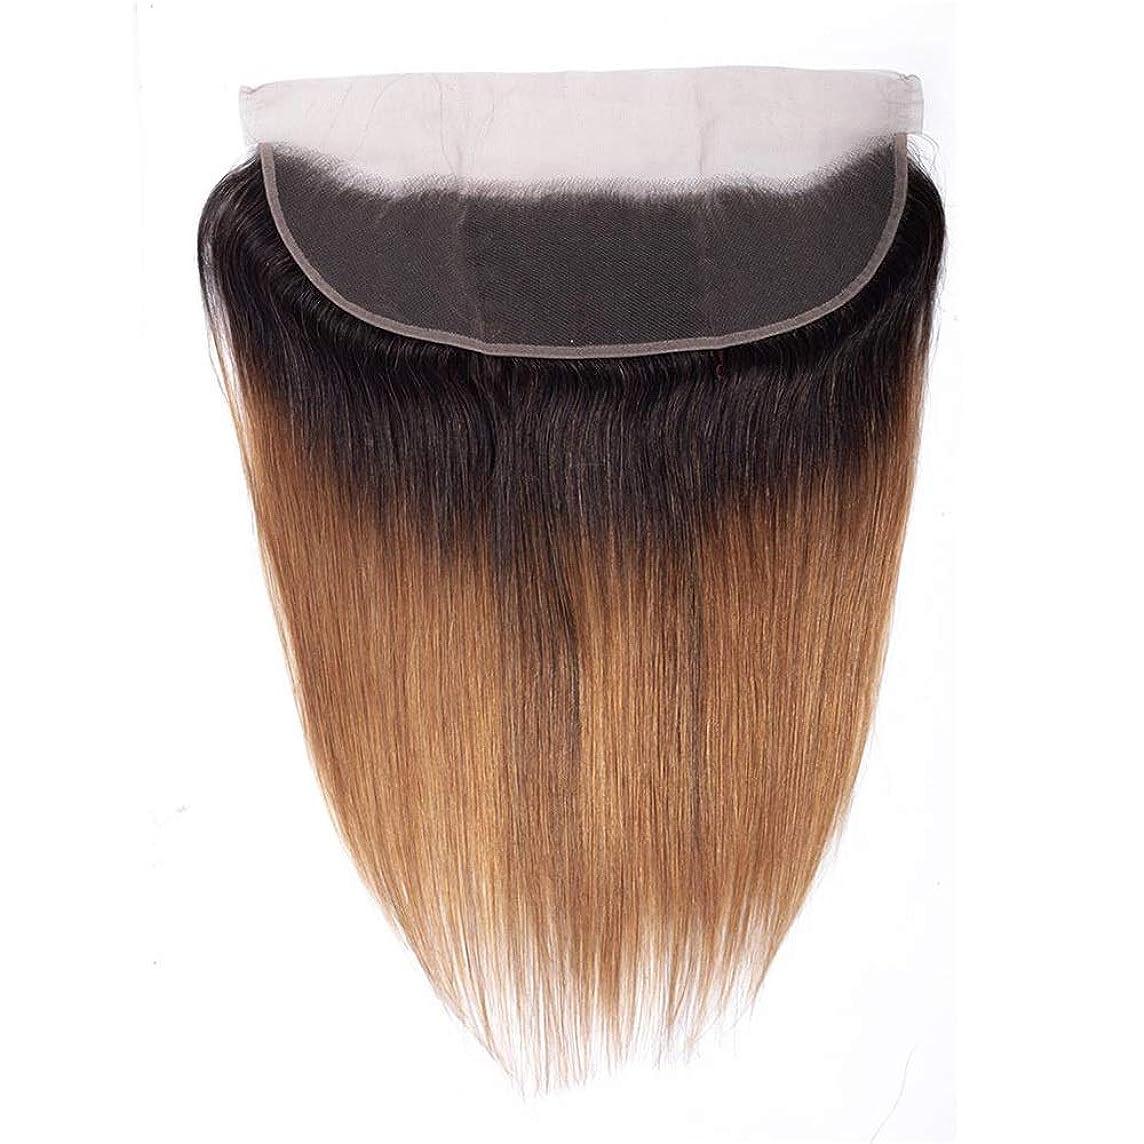 変更ひらめきマザーランドYESONEEP ブラジルの人間の髪の毛ストレート13 * 4レースクロージャー1B / 30黒から茶色の2トーンの色(8インチ18インチ)かつらショートかつら (Color : ブラウン, サイズ : 12 inch)